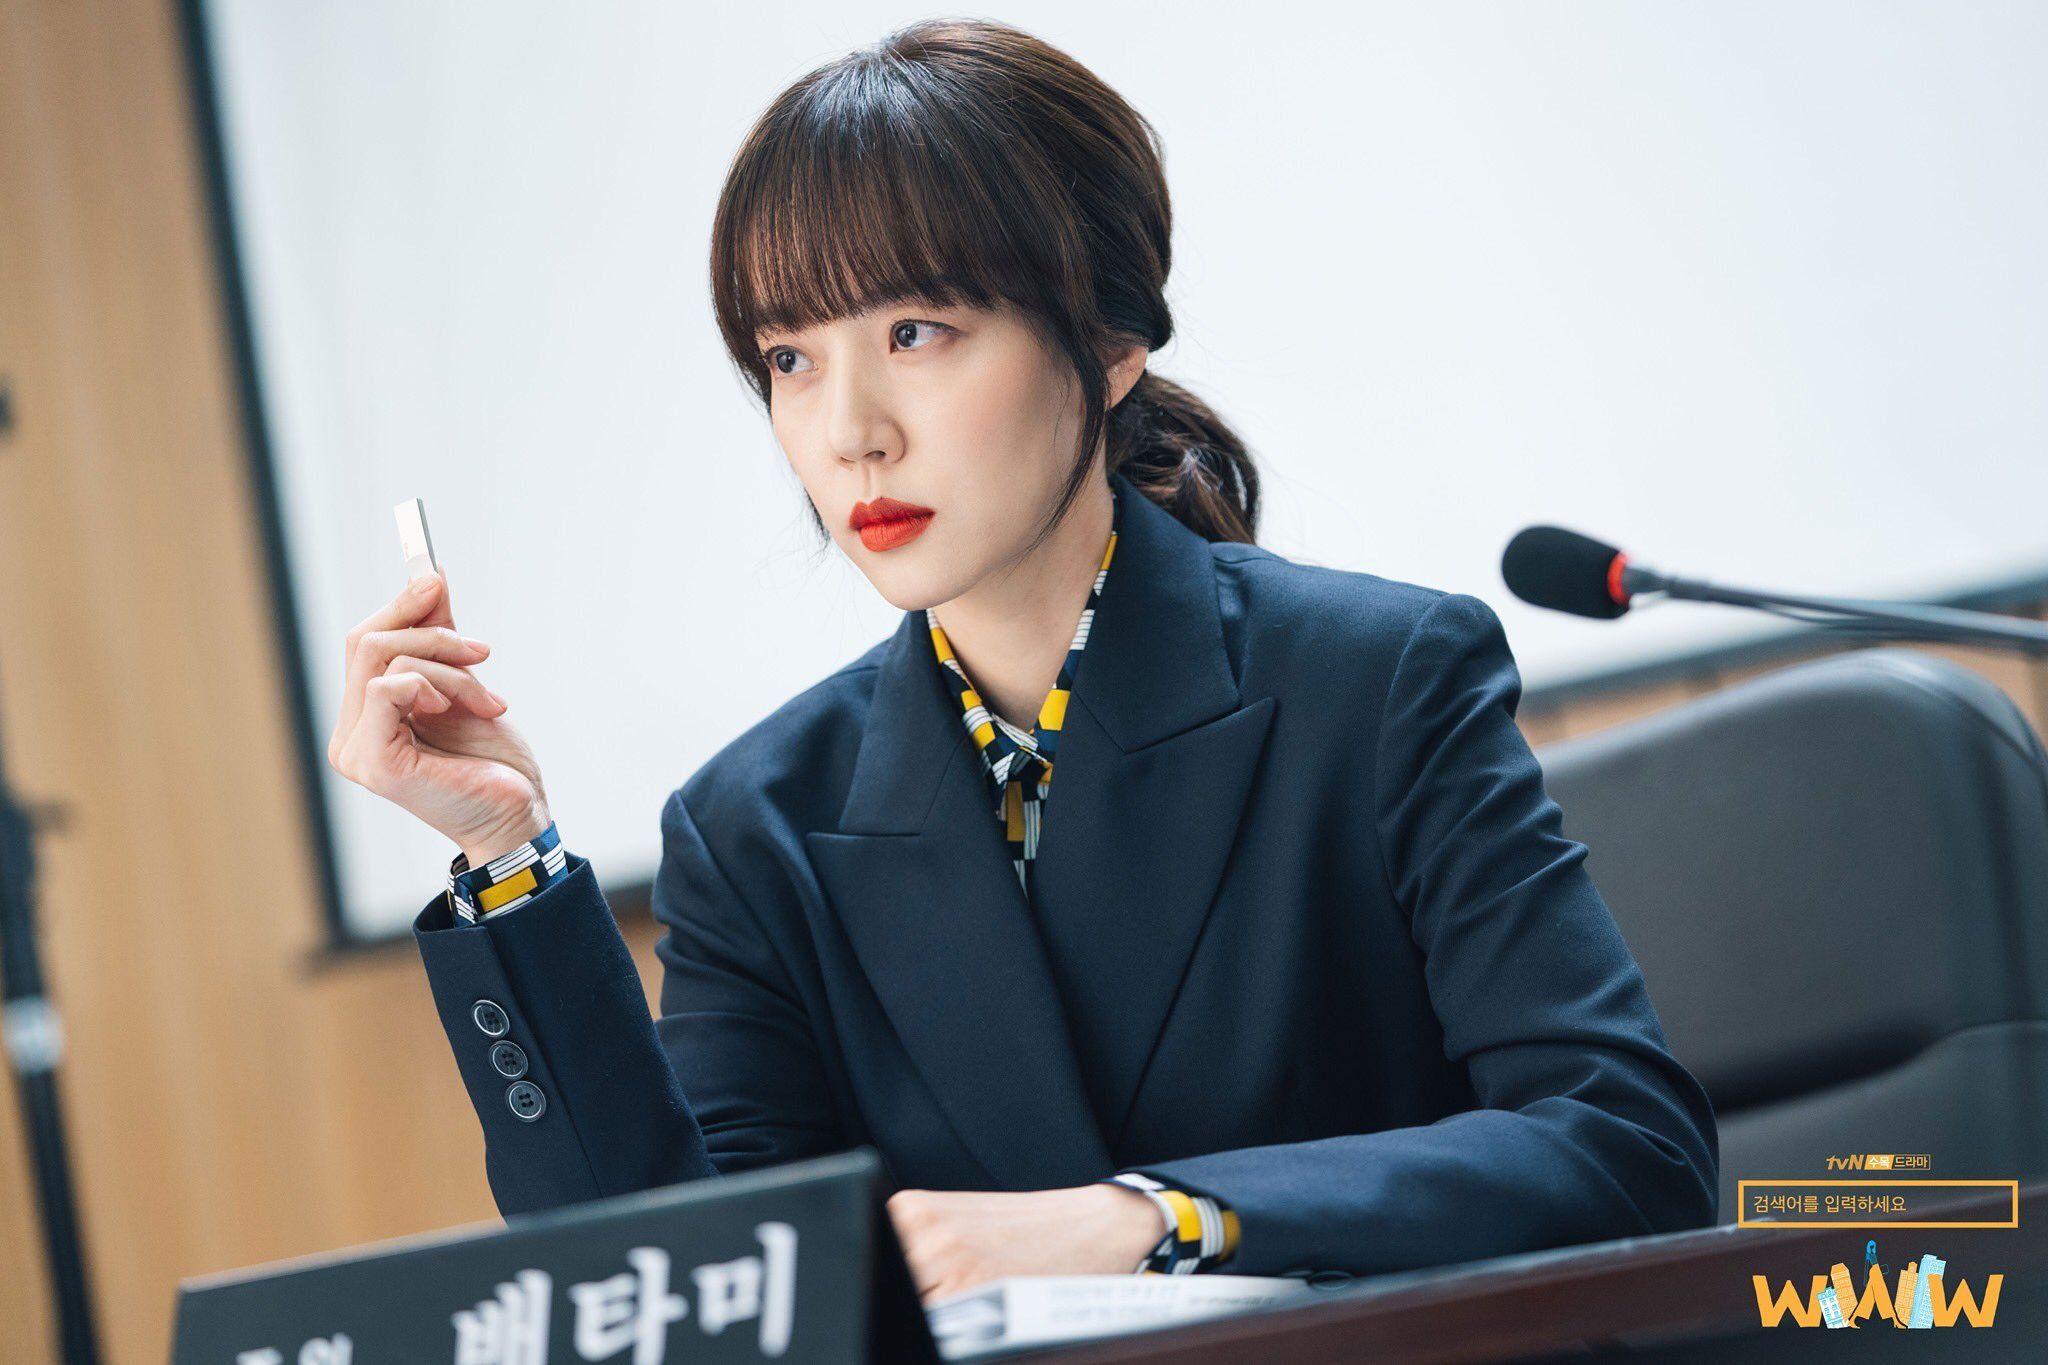 3 kiểu blazer sao Hàn hay diện trong phim, đã đẹp tinh tế còn không bao giờ lỗi mốt, nàng công sở rất nên học theo - Ảnh 14.